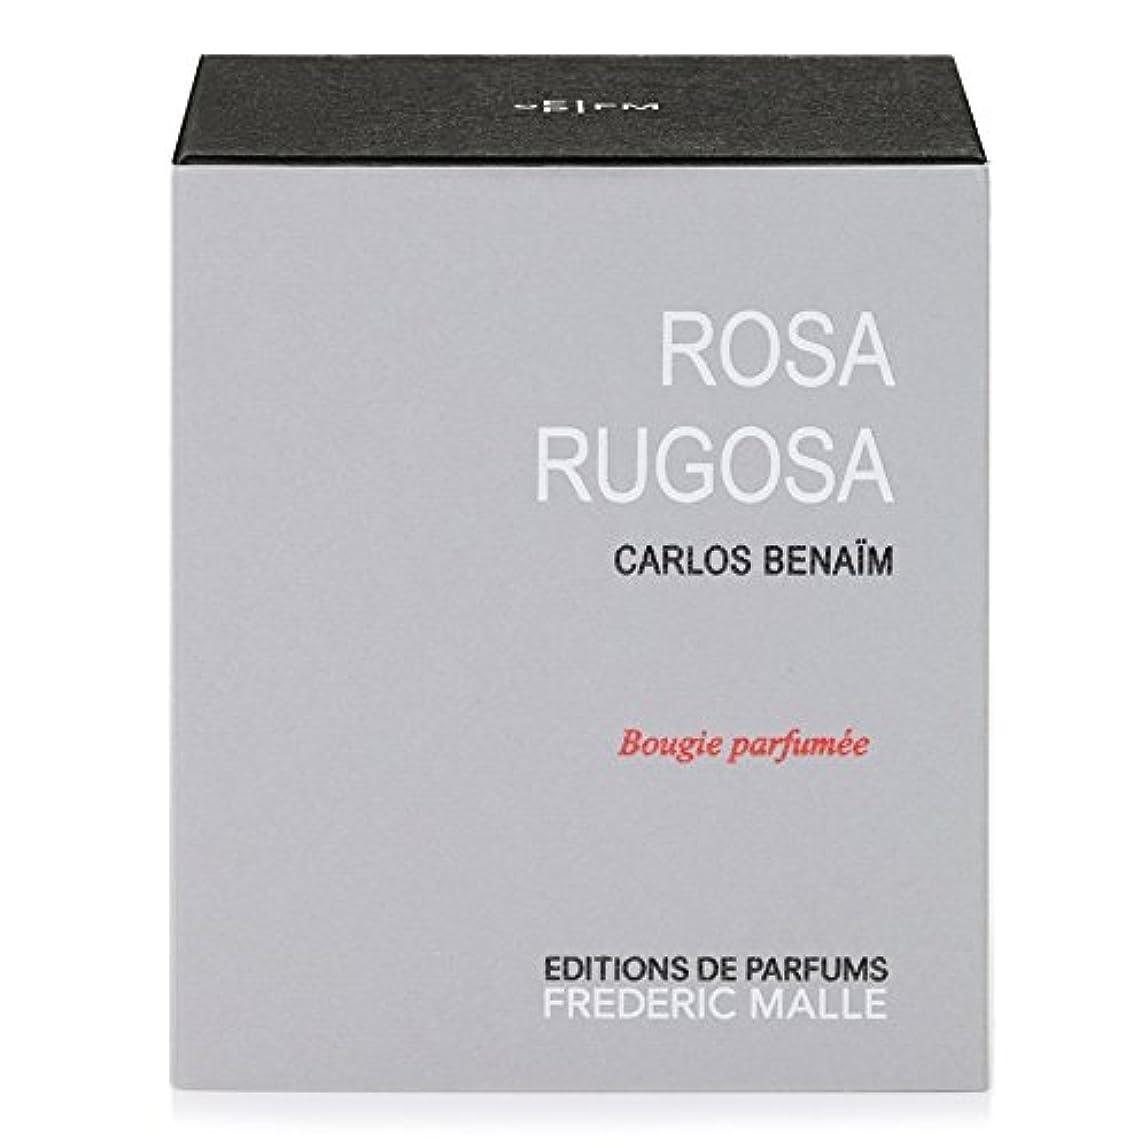 天国週間アクチュエータFrederic Malle Rosa Rugosa Scented Candle (Pack of 2) - フレデリック?マルハマナスの香りのキャンドル x2 [並行輸入品]